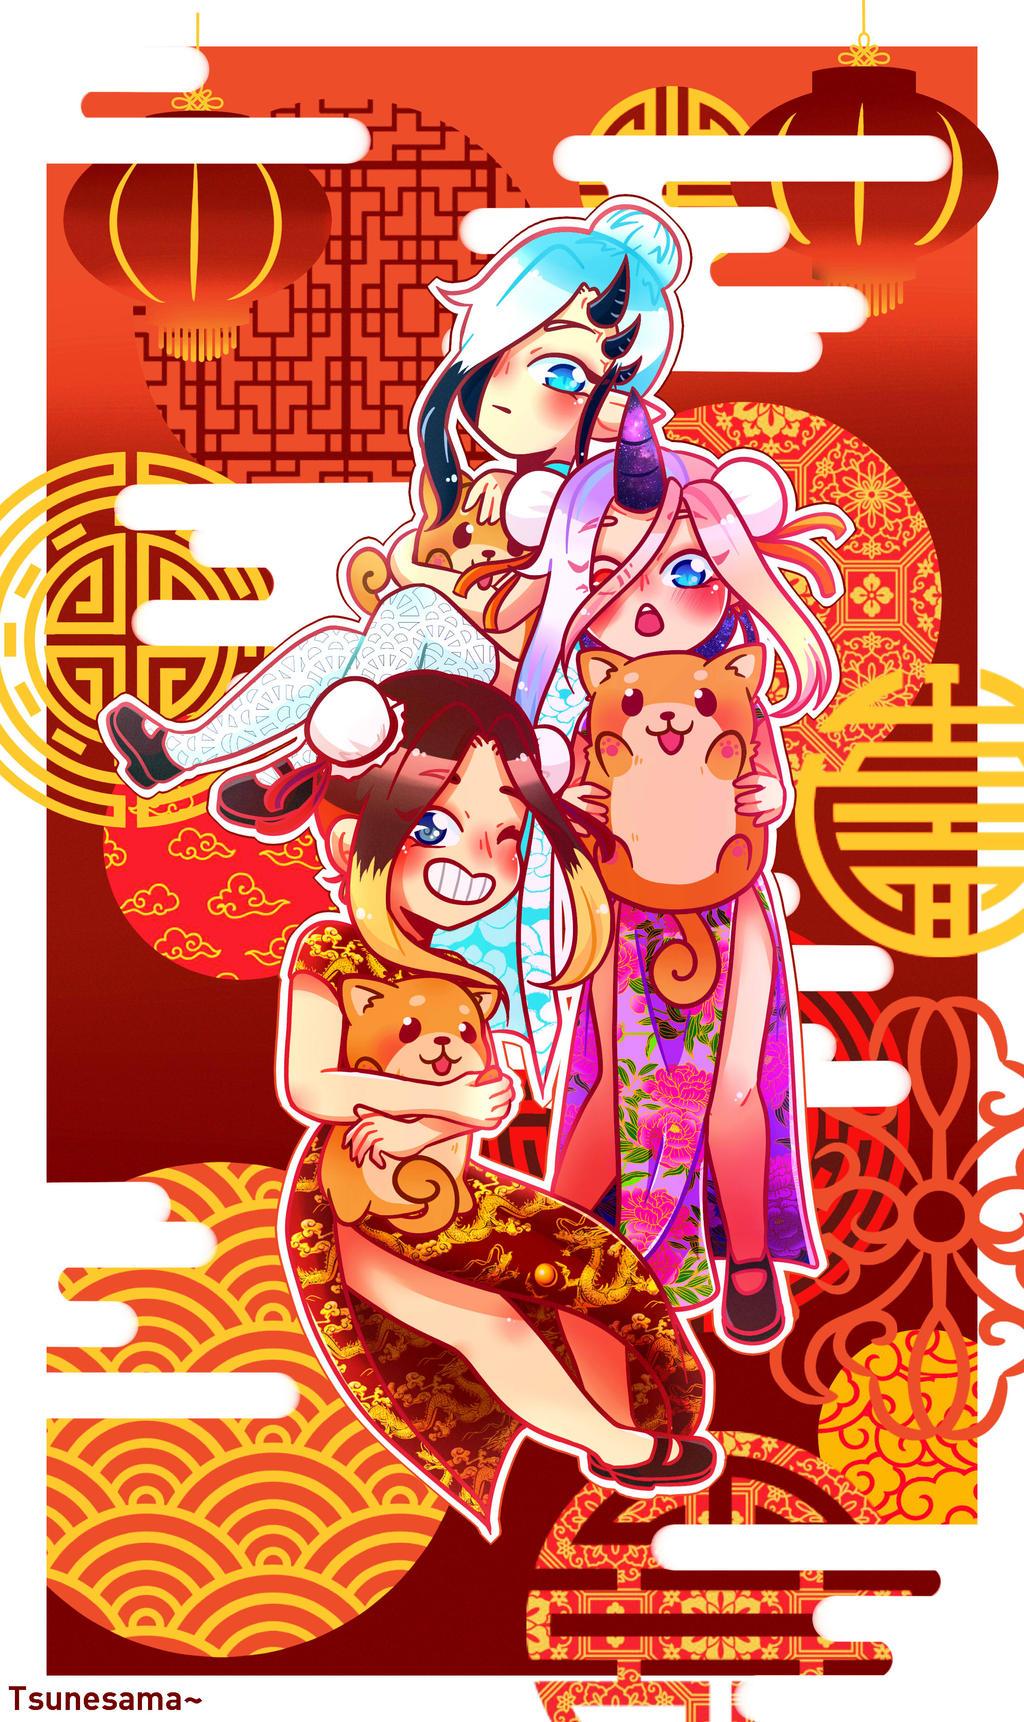 Happy Lunar new year ! ~ by Tsunesamaa